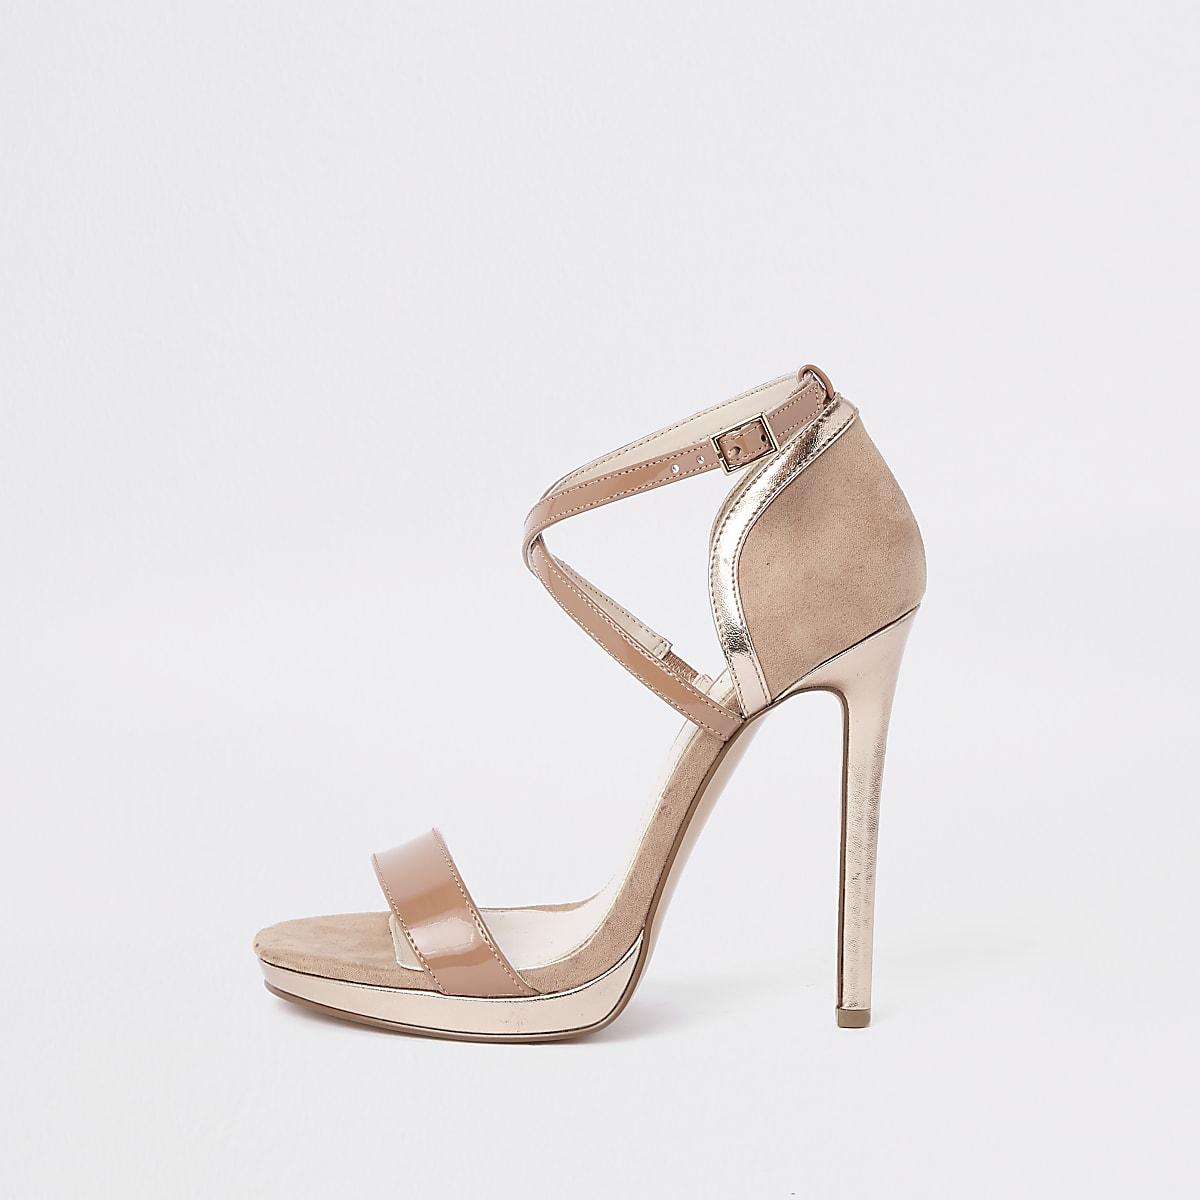 Sandales minimalistes beiges à plateforme